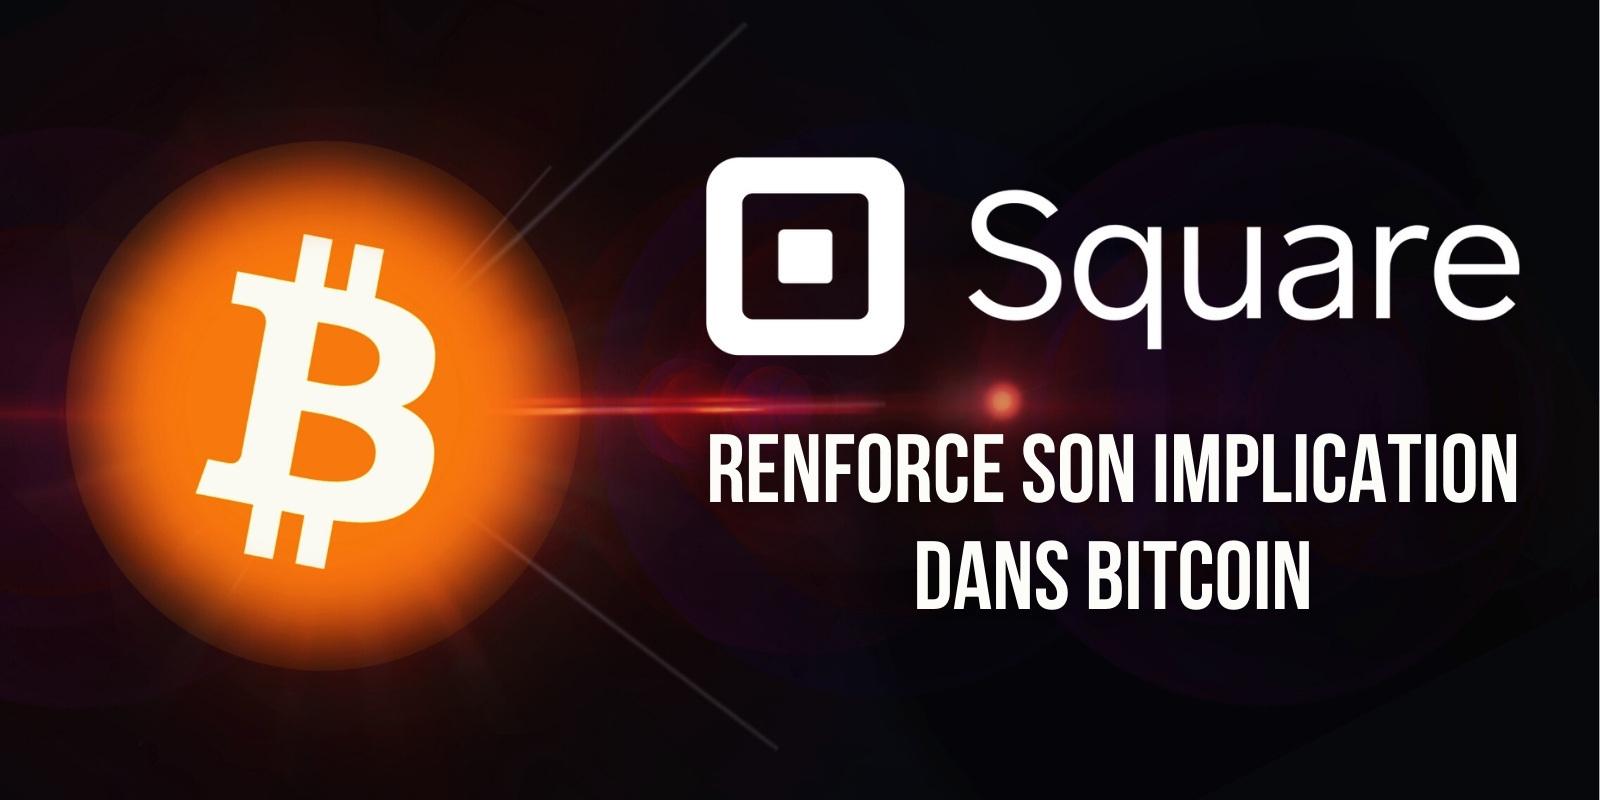 Square crée une nouvelle entreprise de services financiers entièrement dédiée au Bitcoin (BTC)